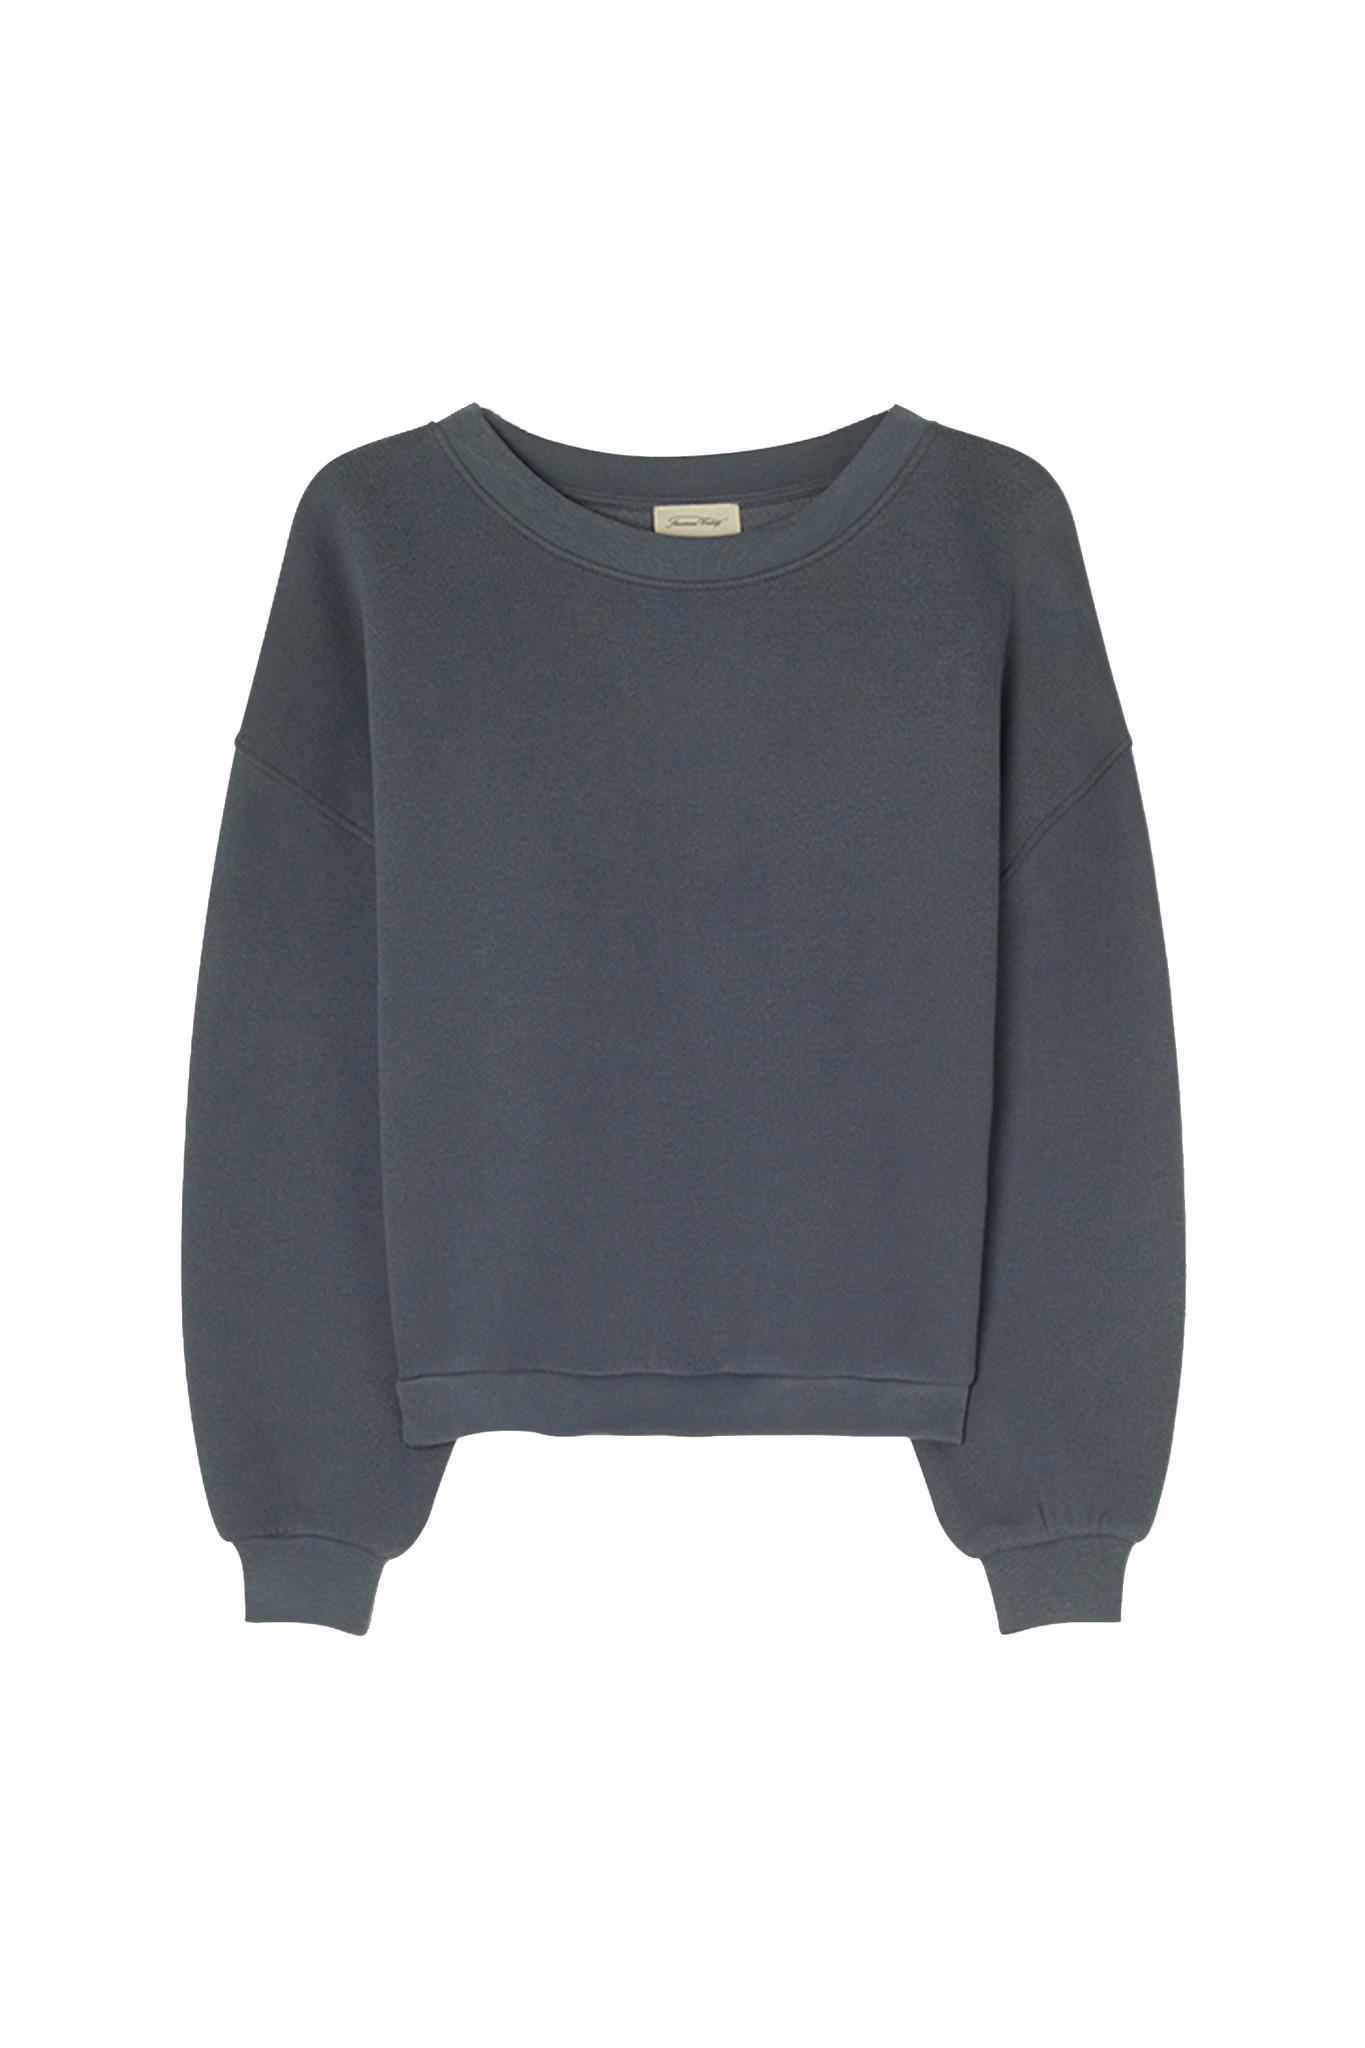 Ikatown Sweatshirt - Stormy-1